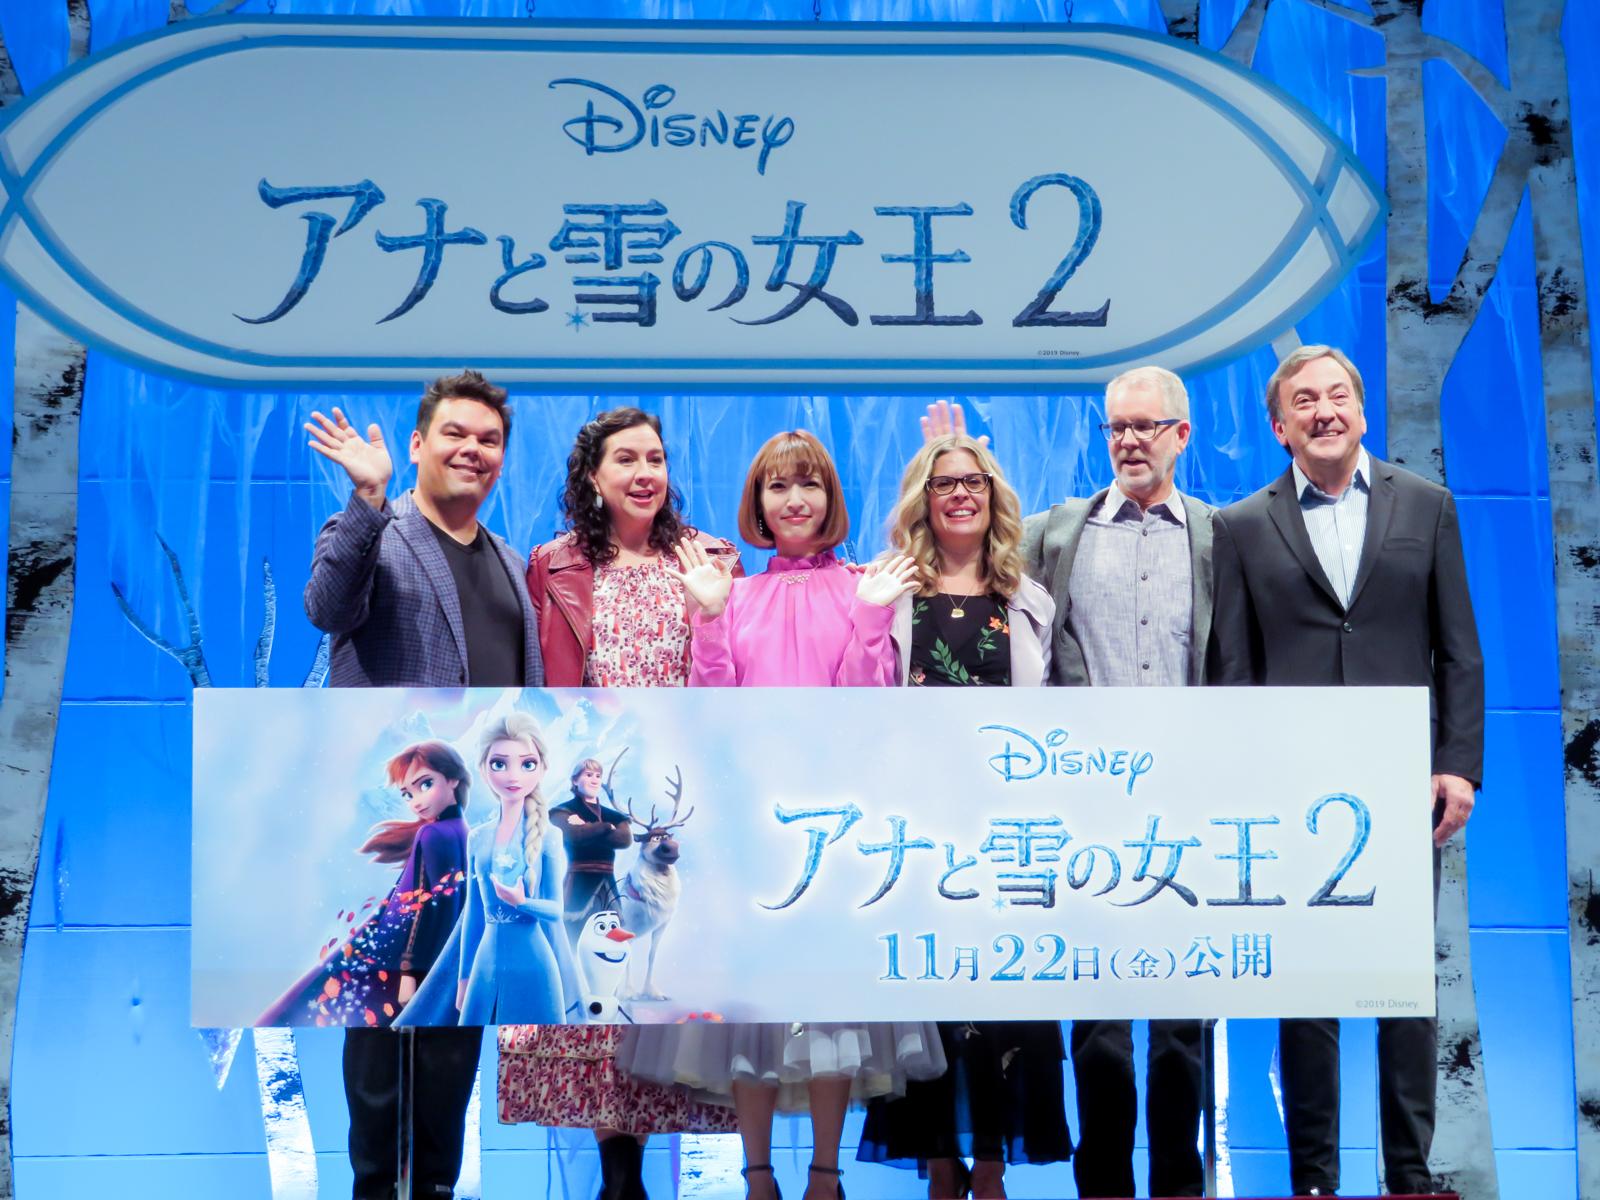 アナと雪の女王2 来日スペシャルイベント開催 監督 プロデューサーら制作陣5名と神田沙也加が登壇 Fan S Voice ファンズボイス